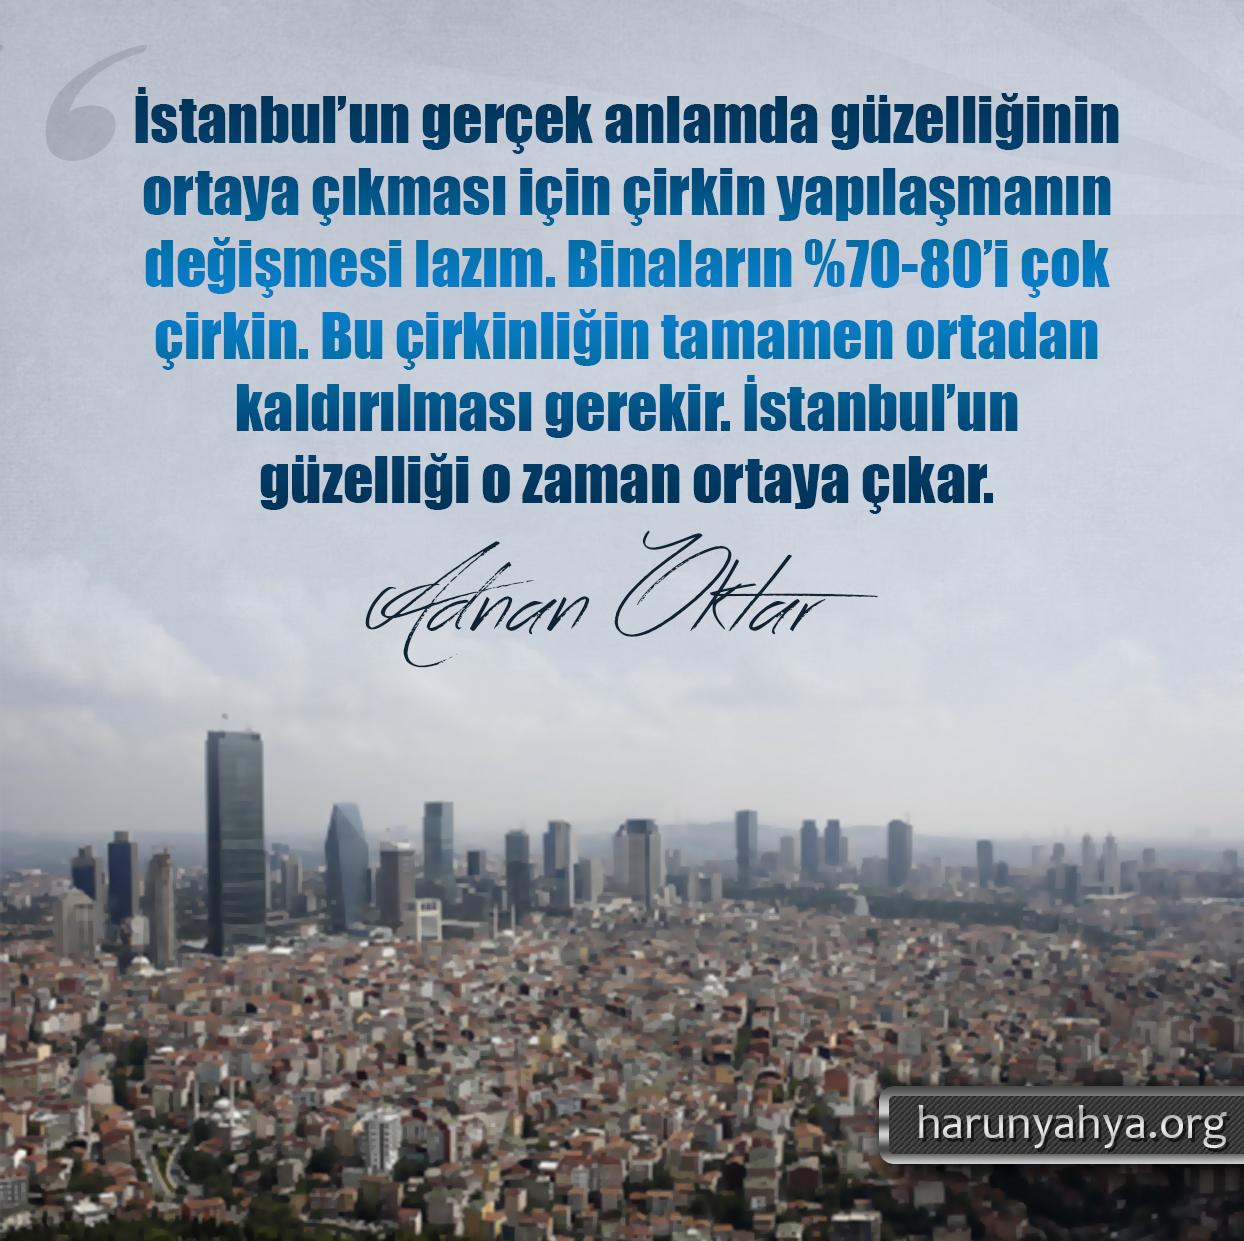 """<table style=""""width: 100%;""""><tr><td style=""""vertical-align: middle;"""">İstanbul'un gerçek anlamda güzelliğini ortaya çıkması için çirkin yapılaşmanın değişmesi lazım. Binaların %70-80'i çok çirkin. Bu çirkinliğin tamamen ortadan kaldırılması gerekir. İstanbul'un güzelliği o zaman ortaya çıkar.</td><td style=""""max-width: 70px;vertical-align: middle;""""> <a href=""""/downloadquote.php?filename=1527141552633.jpg""""><img class=""""hoversaturate"""" height=""""20px"""" src=""""/assets/images/download-iconu.png"""" style=""""width: 48px; height: 48px;"""" title=""""Resmi İndir""""/></a></td></tr></table>"""